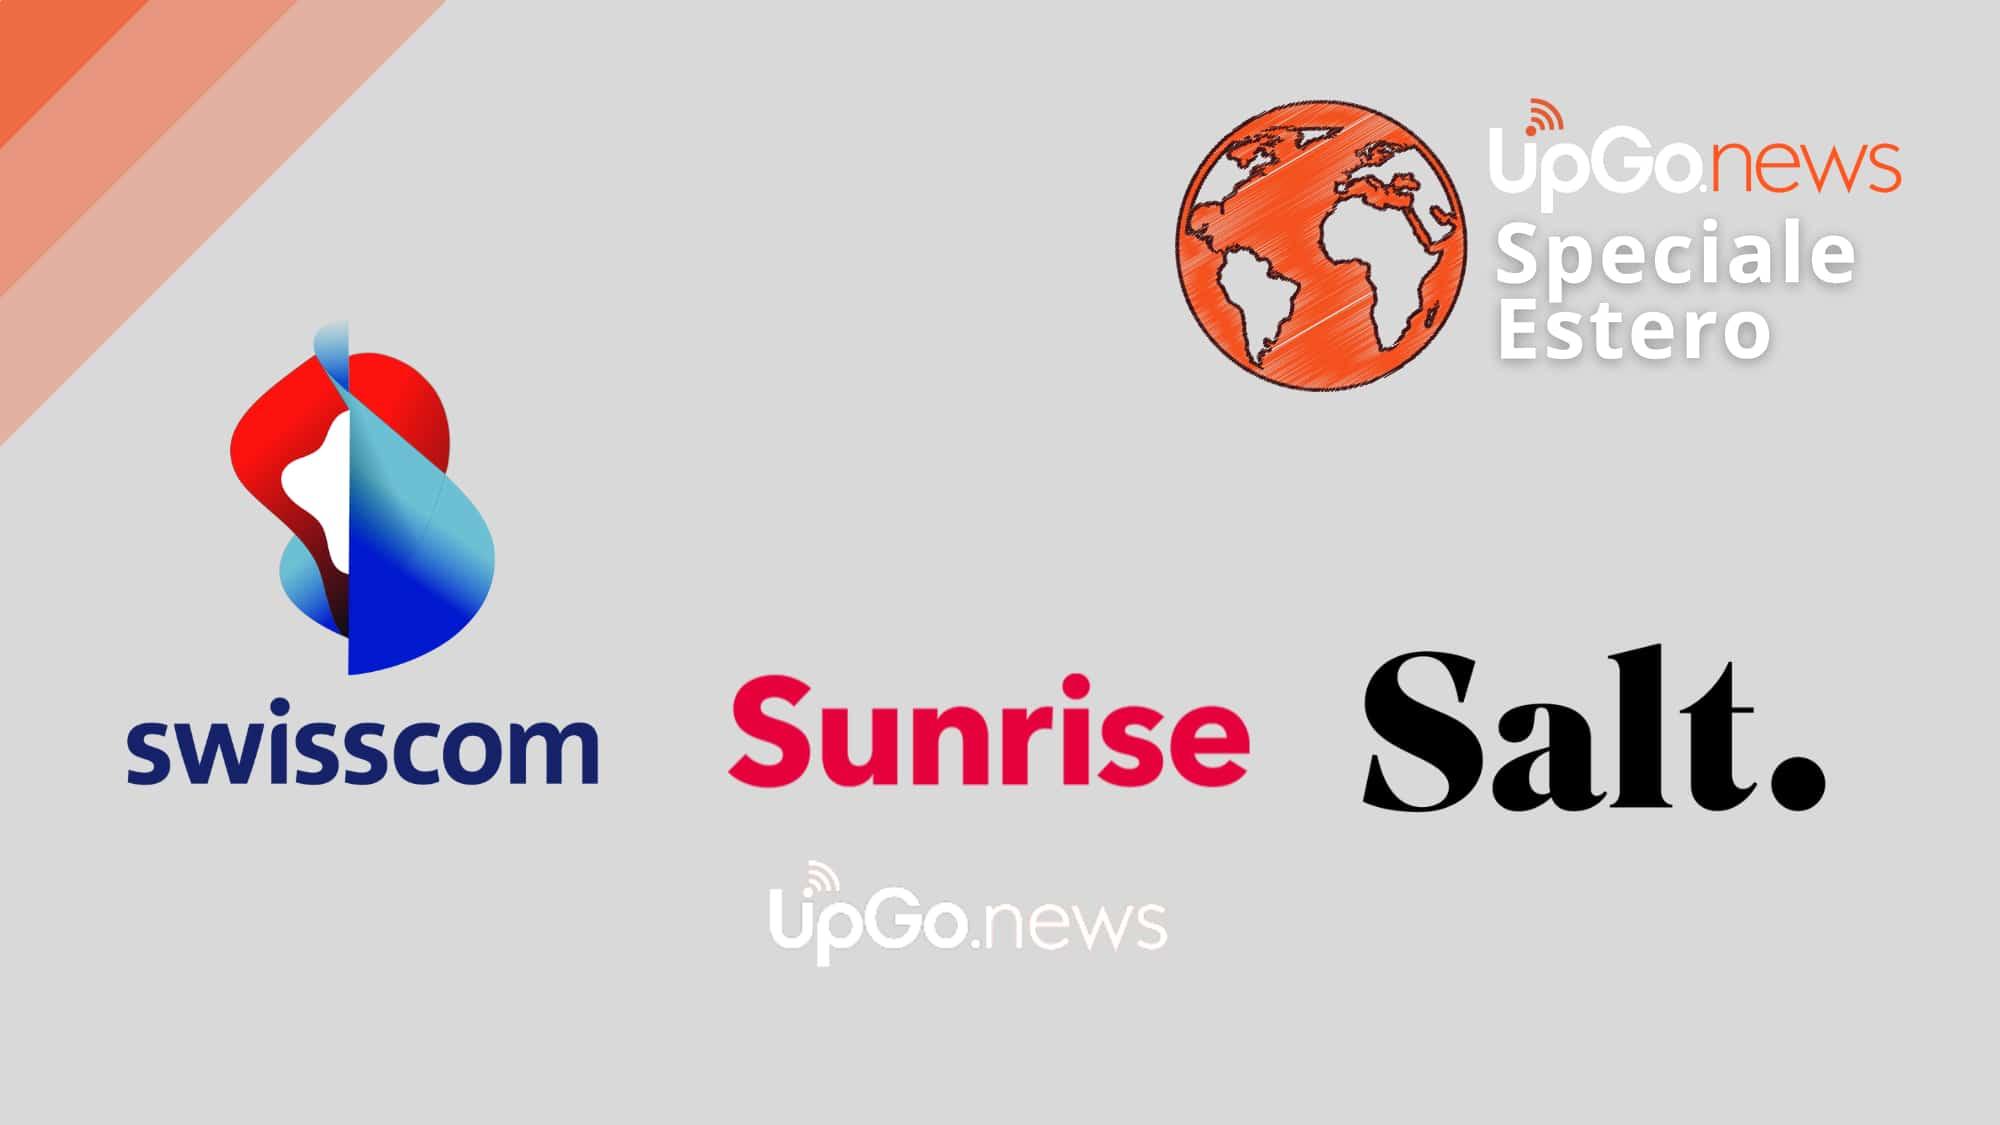 Loghi Swisscom Sunrise e Salt